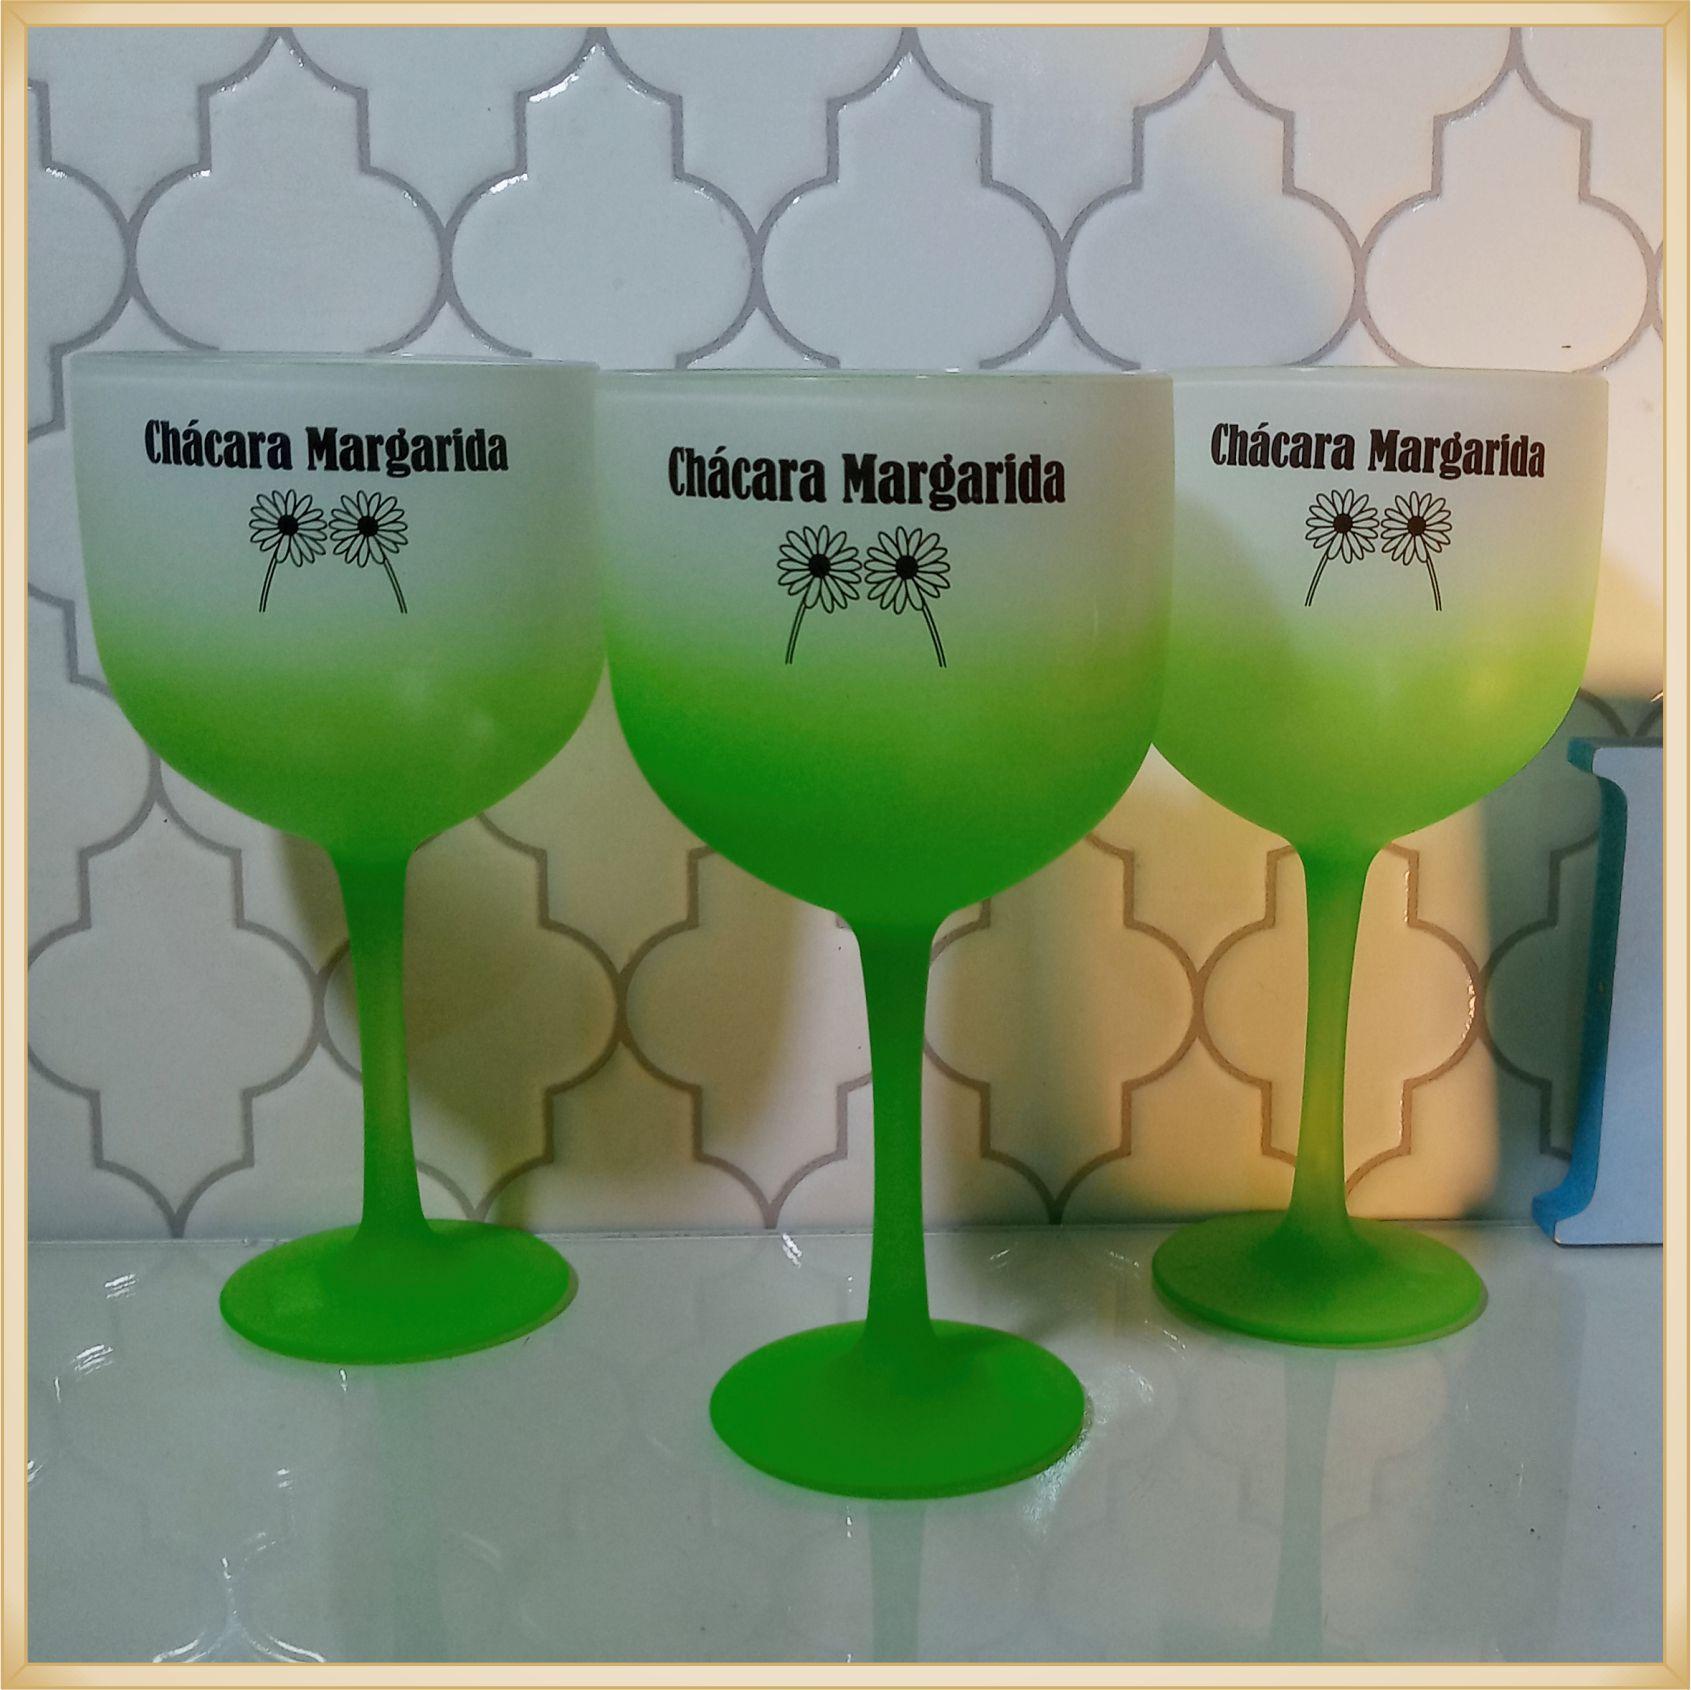 Taças de gin degradê personalizadas empresarial- alta qualidade, brilhante, ótimo acabamento, parede de 2,5mm, material atóxico, 580 ml - kit 10 unidades